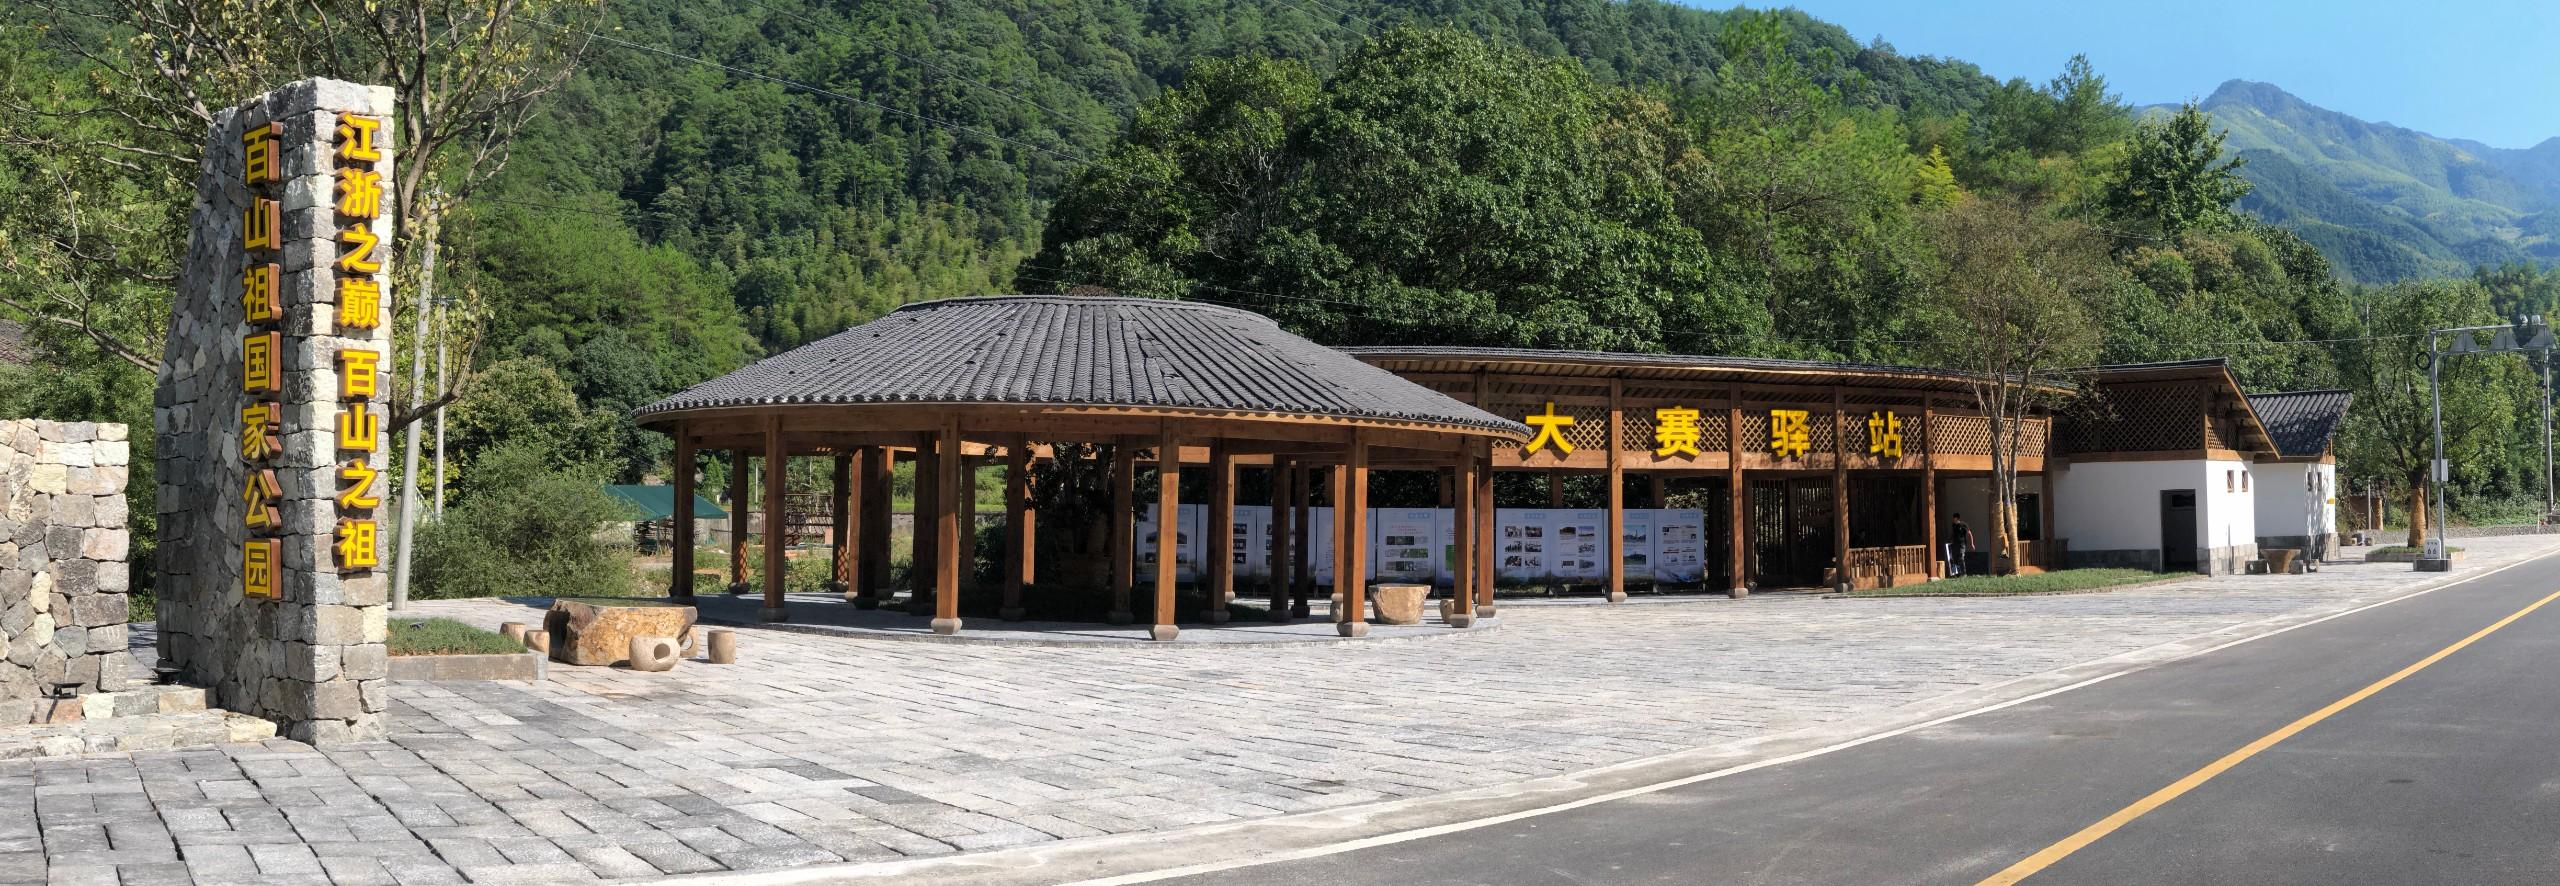 百山祖国家公园(龙泉)大赛驿站项目完工